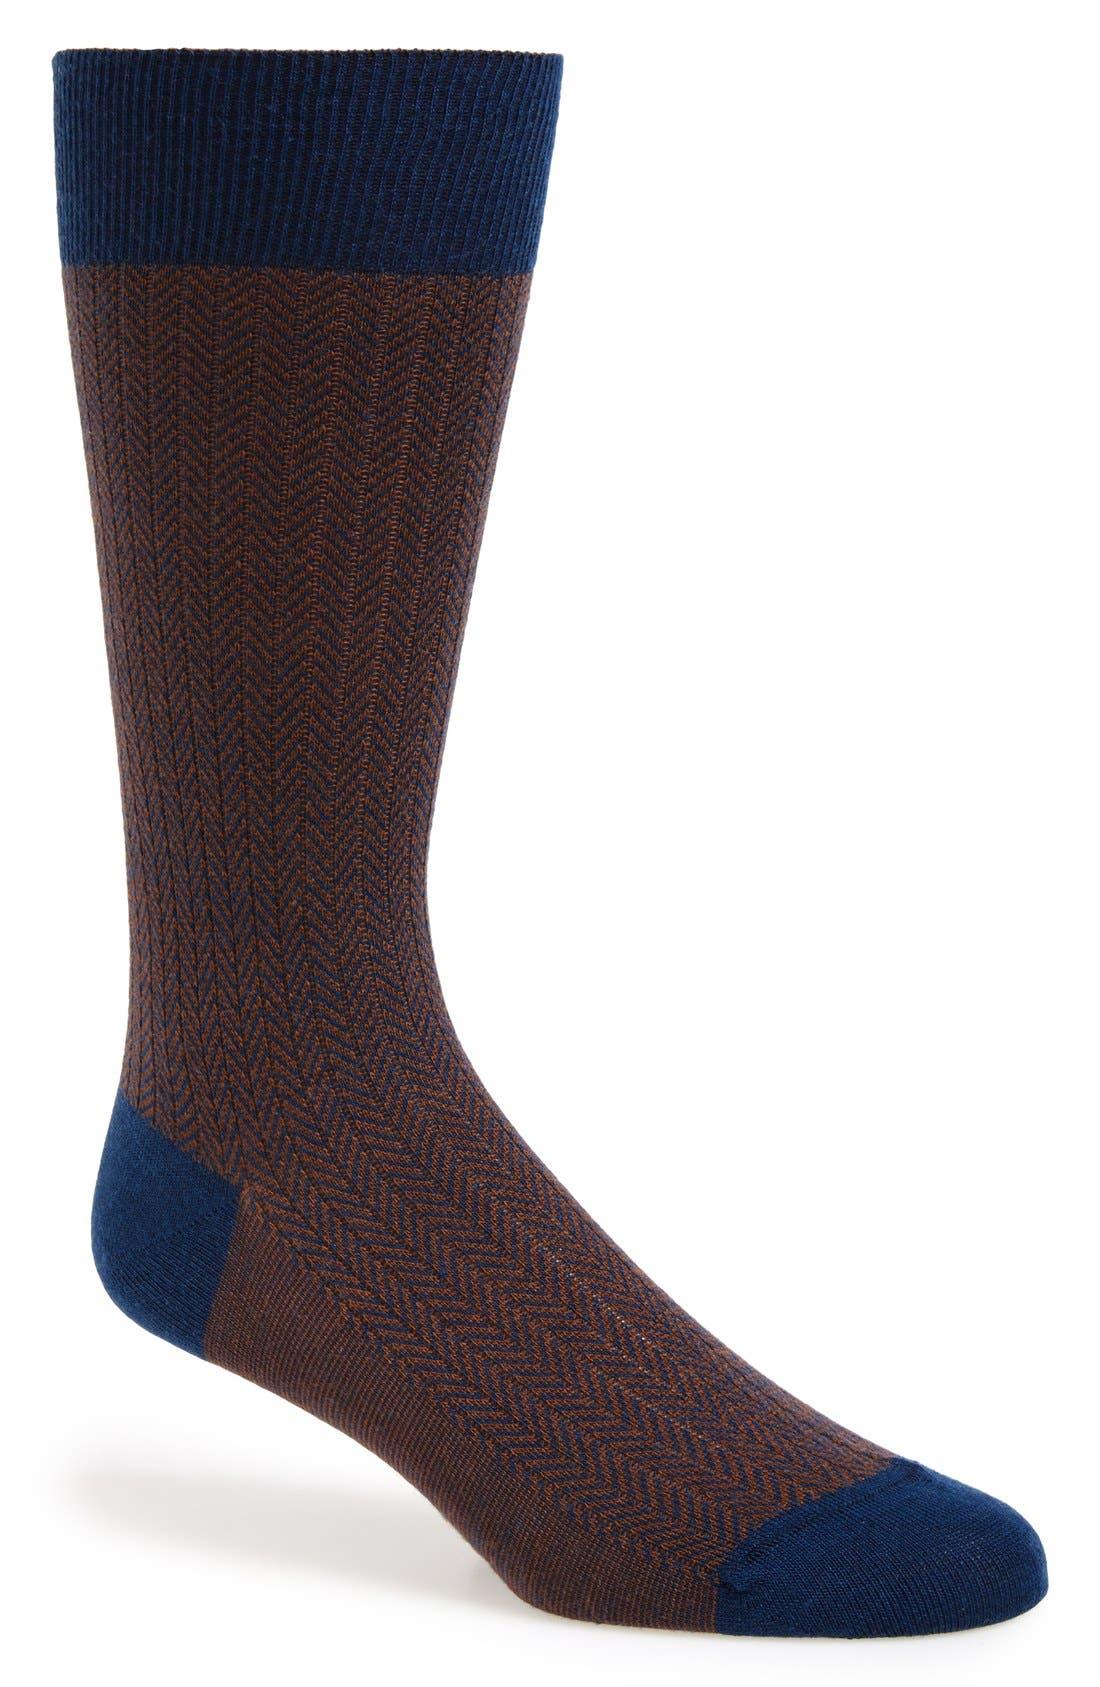 Main Image - Pantherella '5911' Mid-Calf Dress Socks